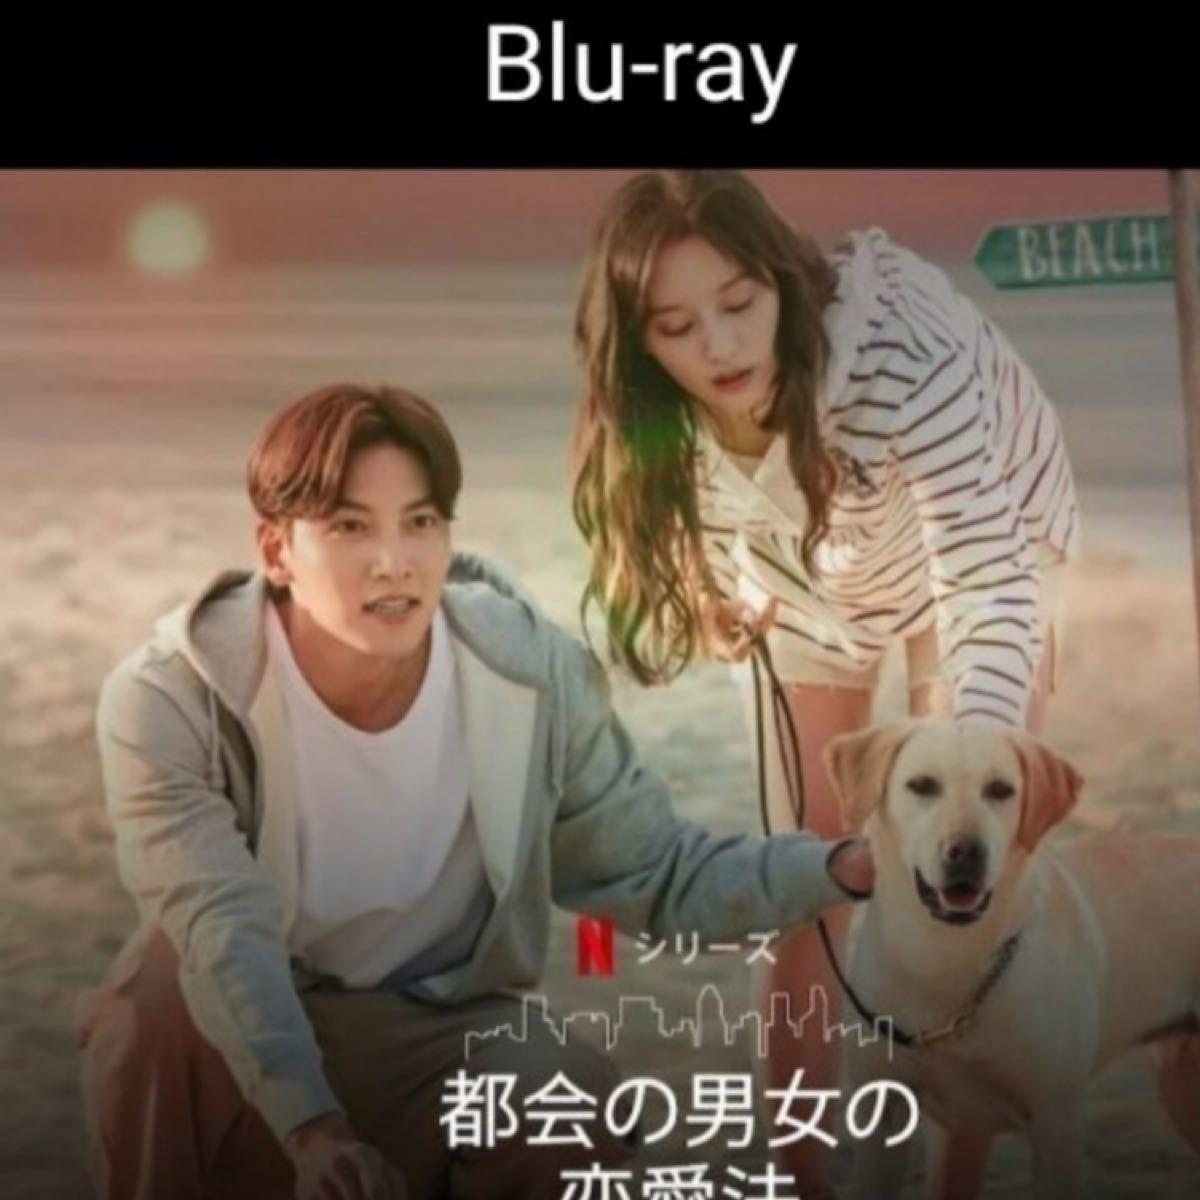 韓国ドラマ Blu-ray1枚